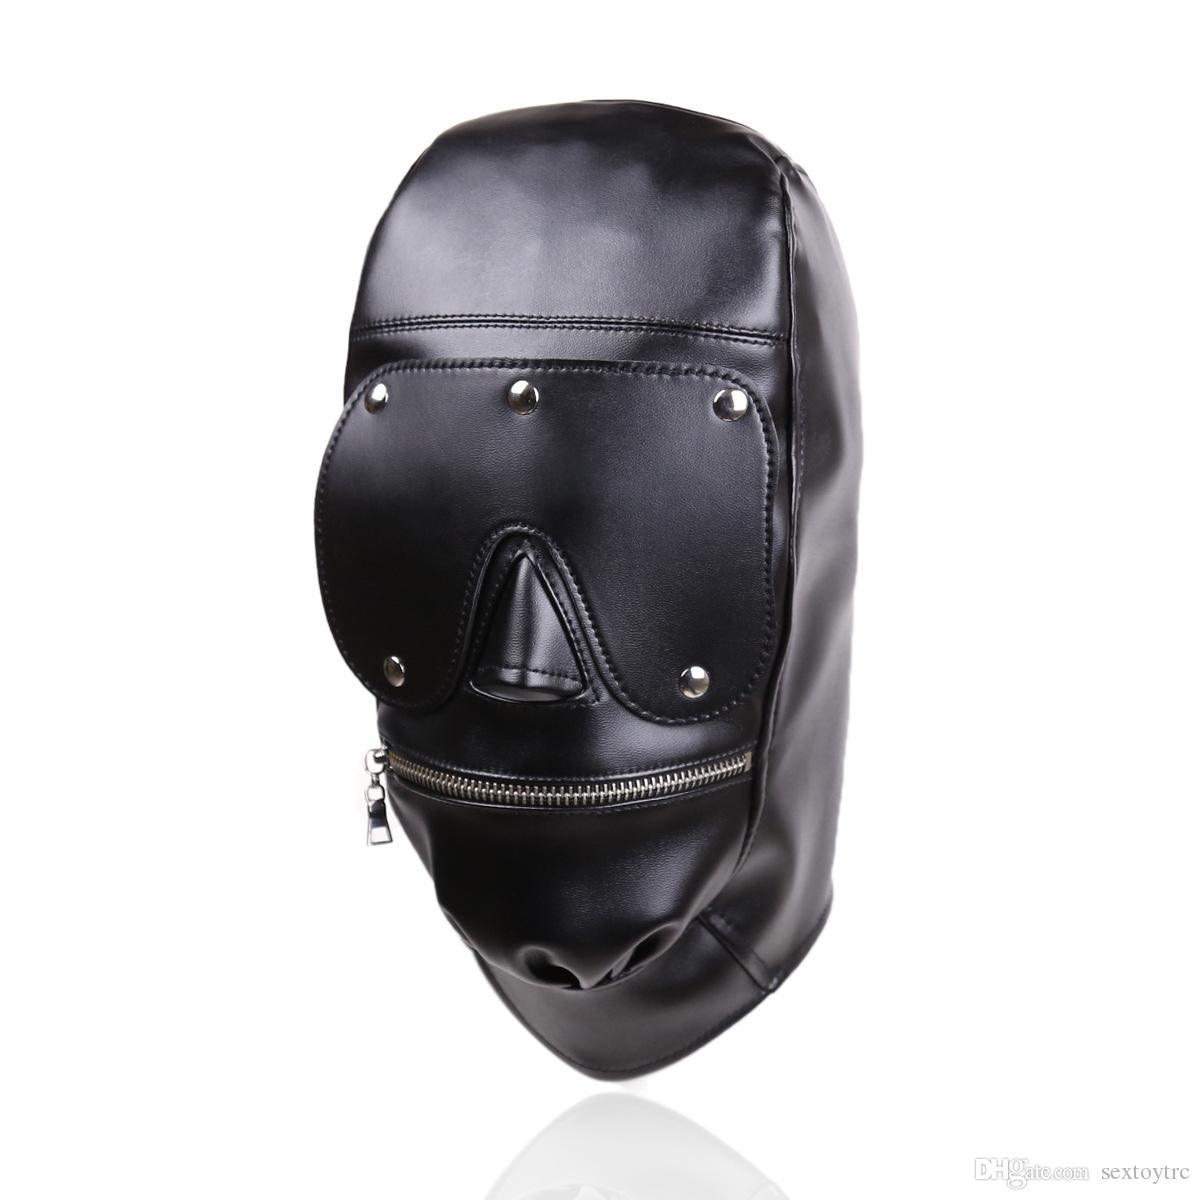 Nuevo diseño Bondage Gear Hood Bozal Arnés con almohadilla ocular desmontable Máscara de cuero negro con cremallera en la boca Fetish Sex Toy Gimp B0306037